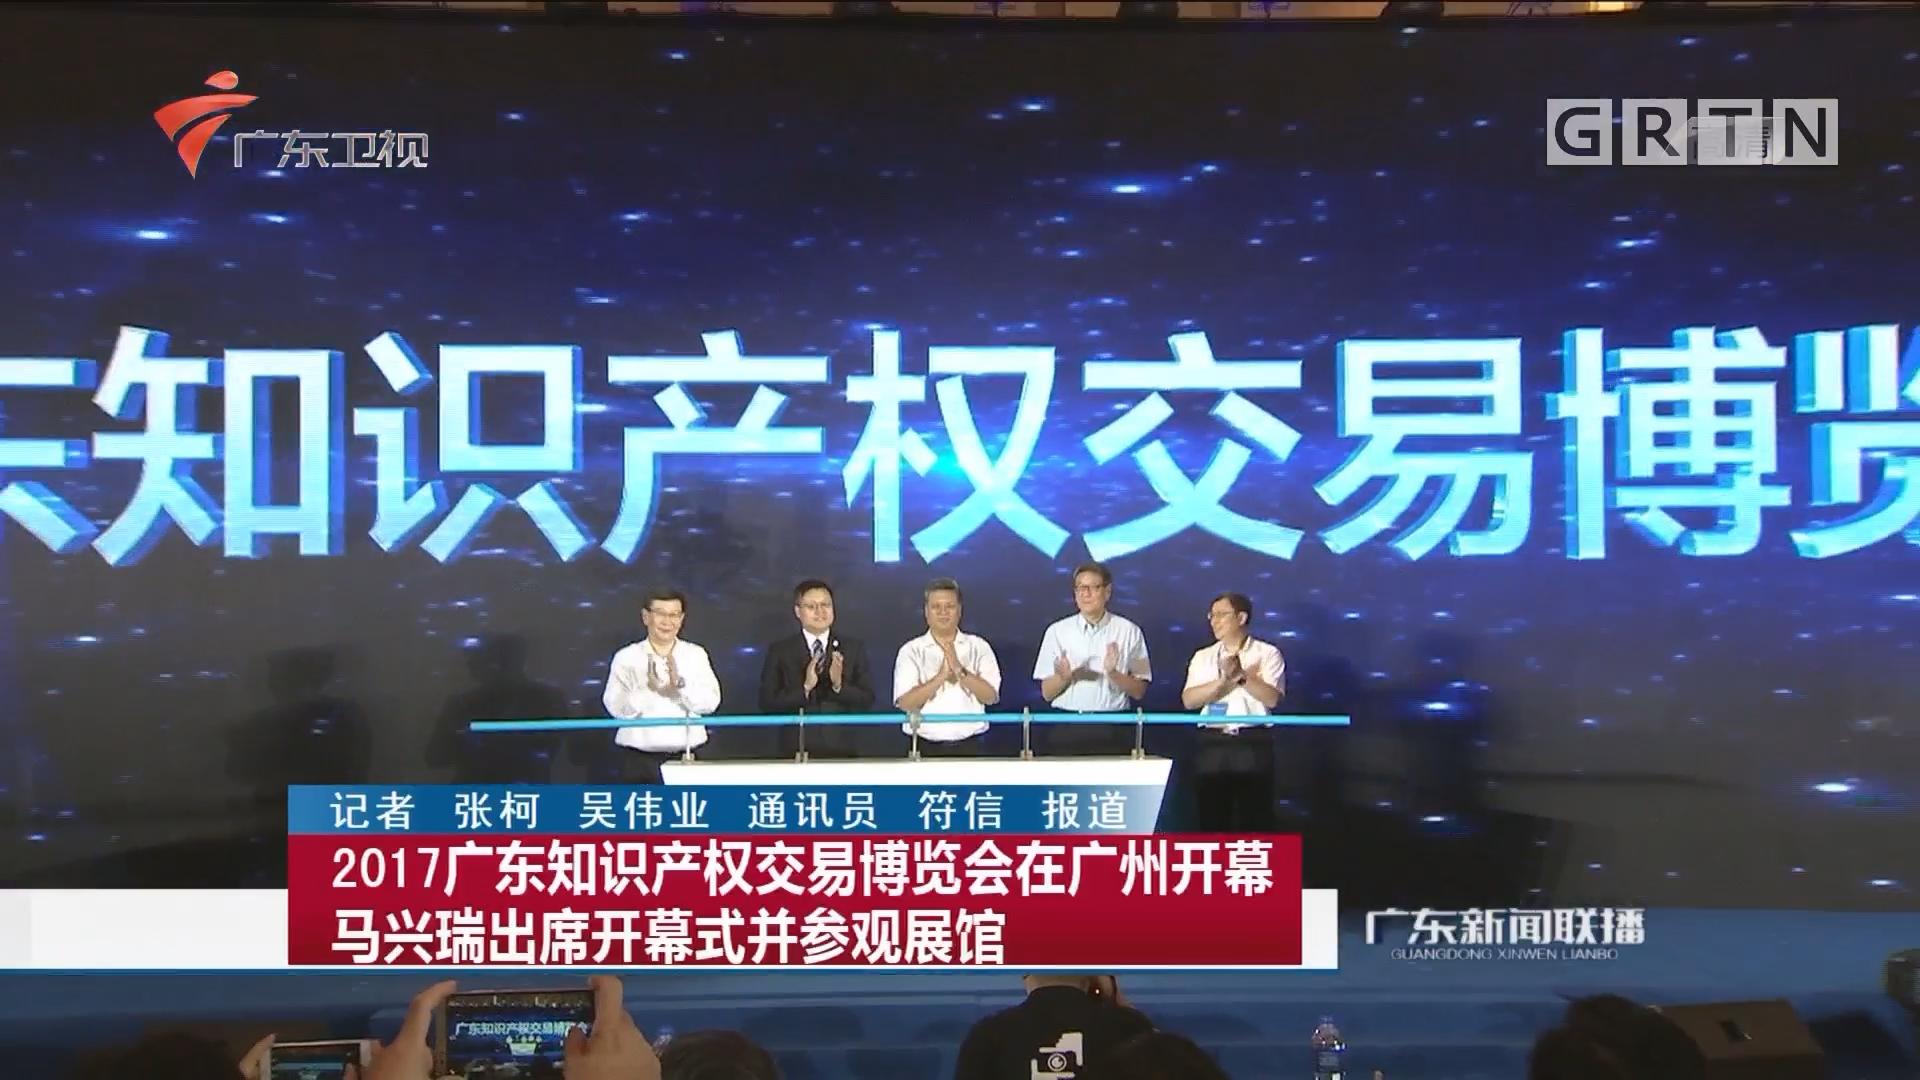 2017广东知识产权交易博览会在广州开幕 马兴瑞出席开幕式并参观展馆